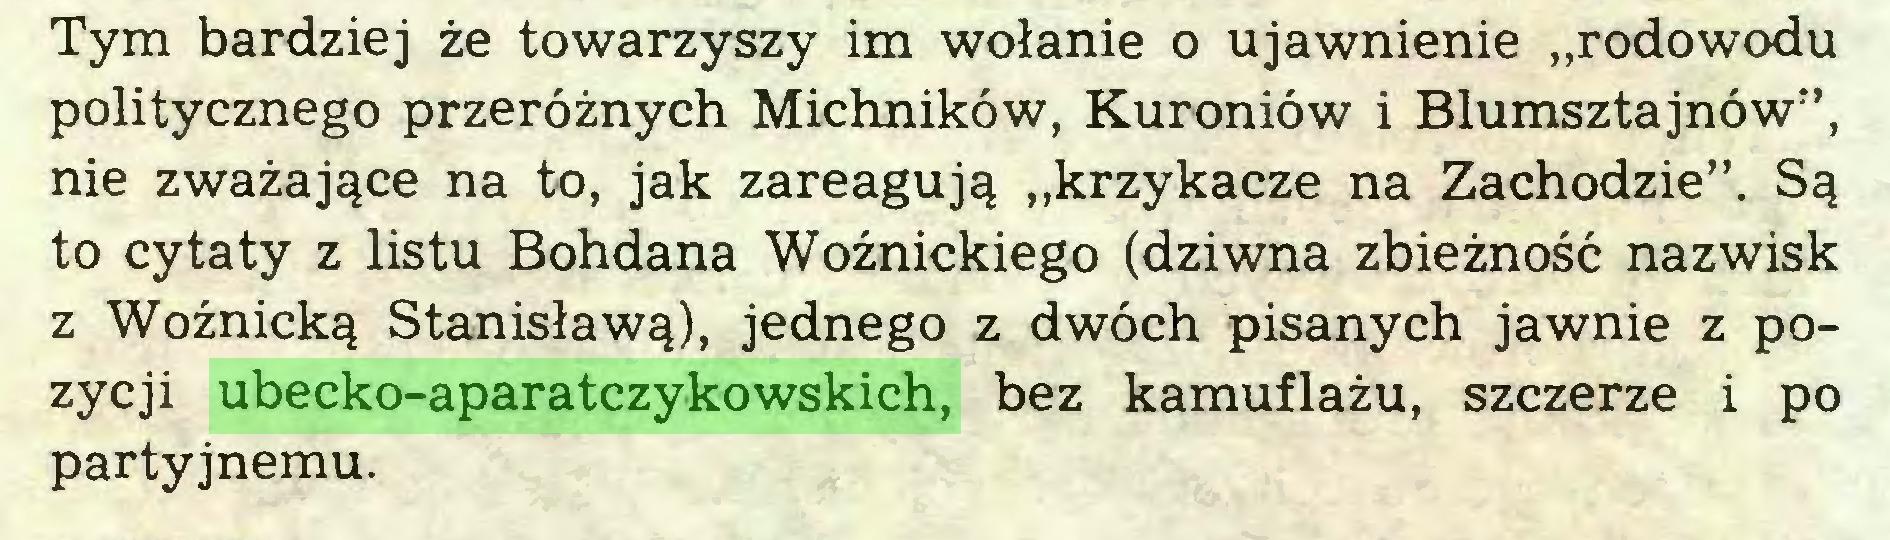 """(...) Tym bardziej że towarzyszy im wołanie o ujawnienie """"rodowodu politycznego przeróżnych Michników, Kuroniów i Blumsztajnów"""", nie zważające na to, jak zareagują """"krzykacze na Zachodzie"""". Są to cytaty z listu Bohdana Woźnickiego (dziwna zbieżność nazwisk z Wożnicką Stanisławą), jednego z dwóch pisanych jawnie z pozycji ubecko-aparatczykowskich, bez kamuflażu, szczerze i po partyjnemu..."""